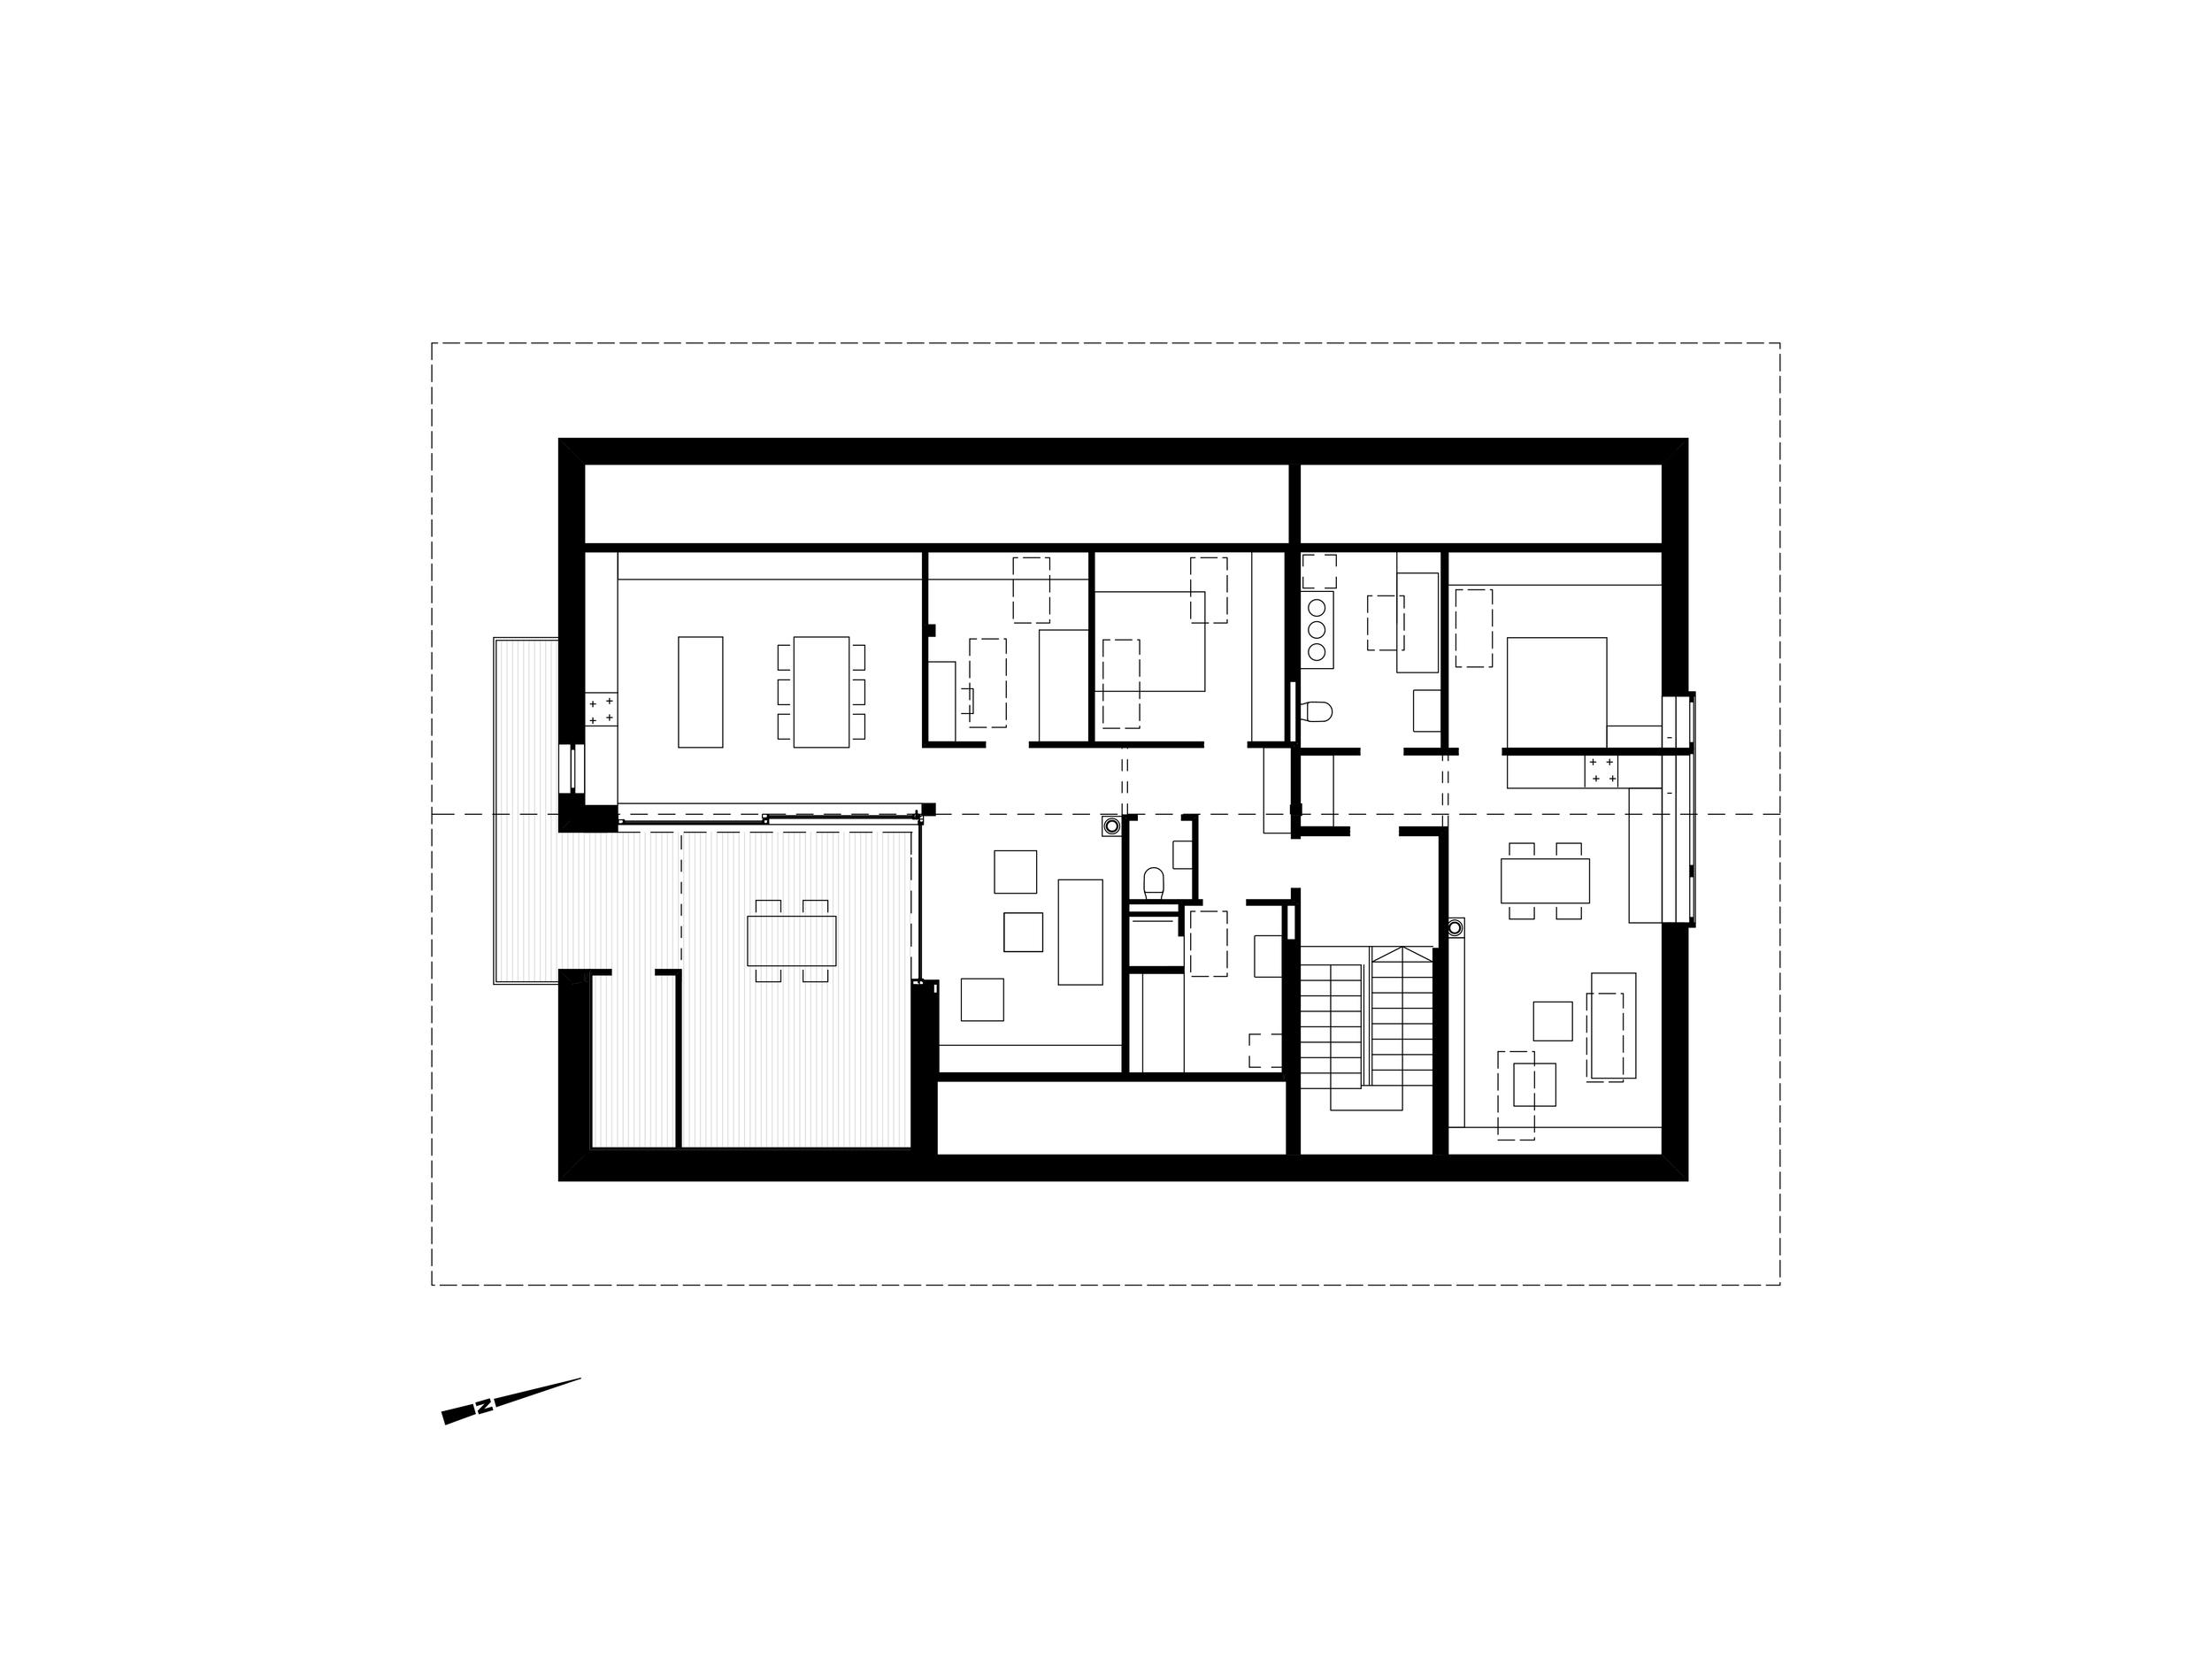 Haus Scheicher Grundriss.jpg